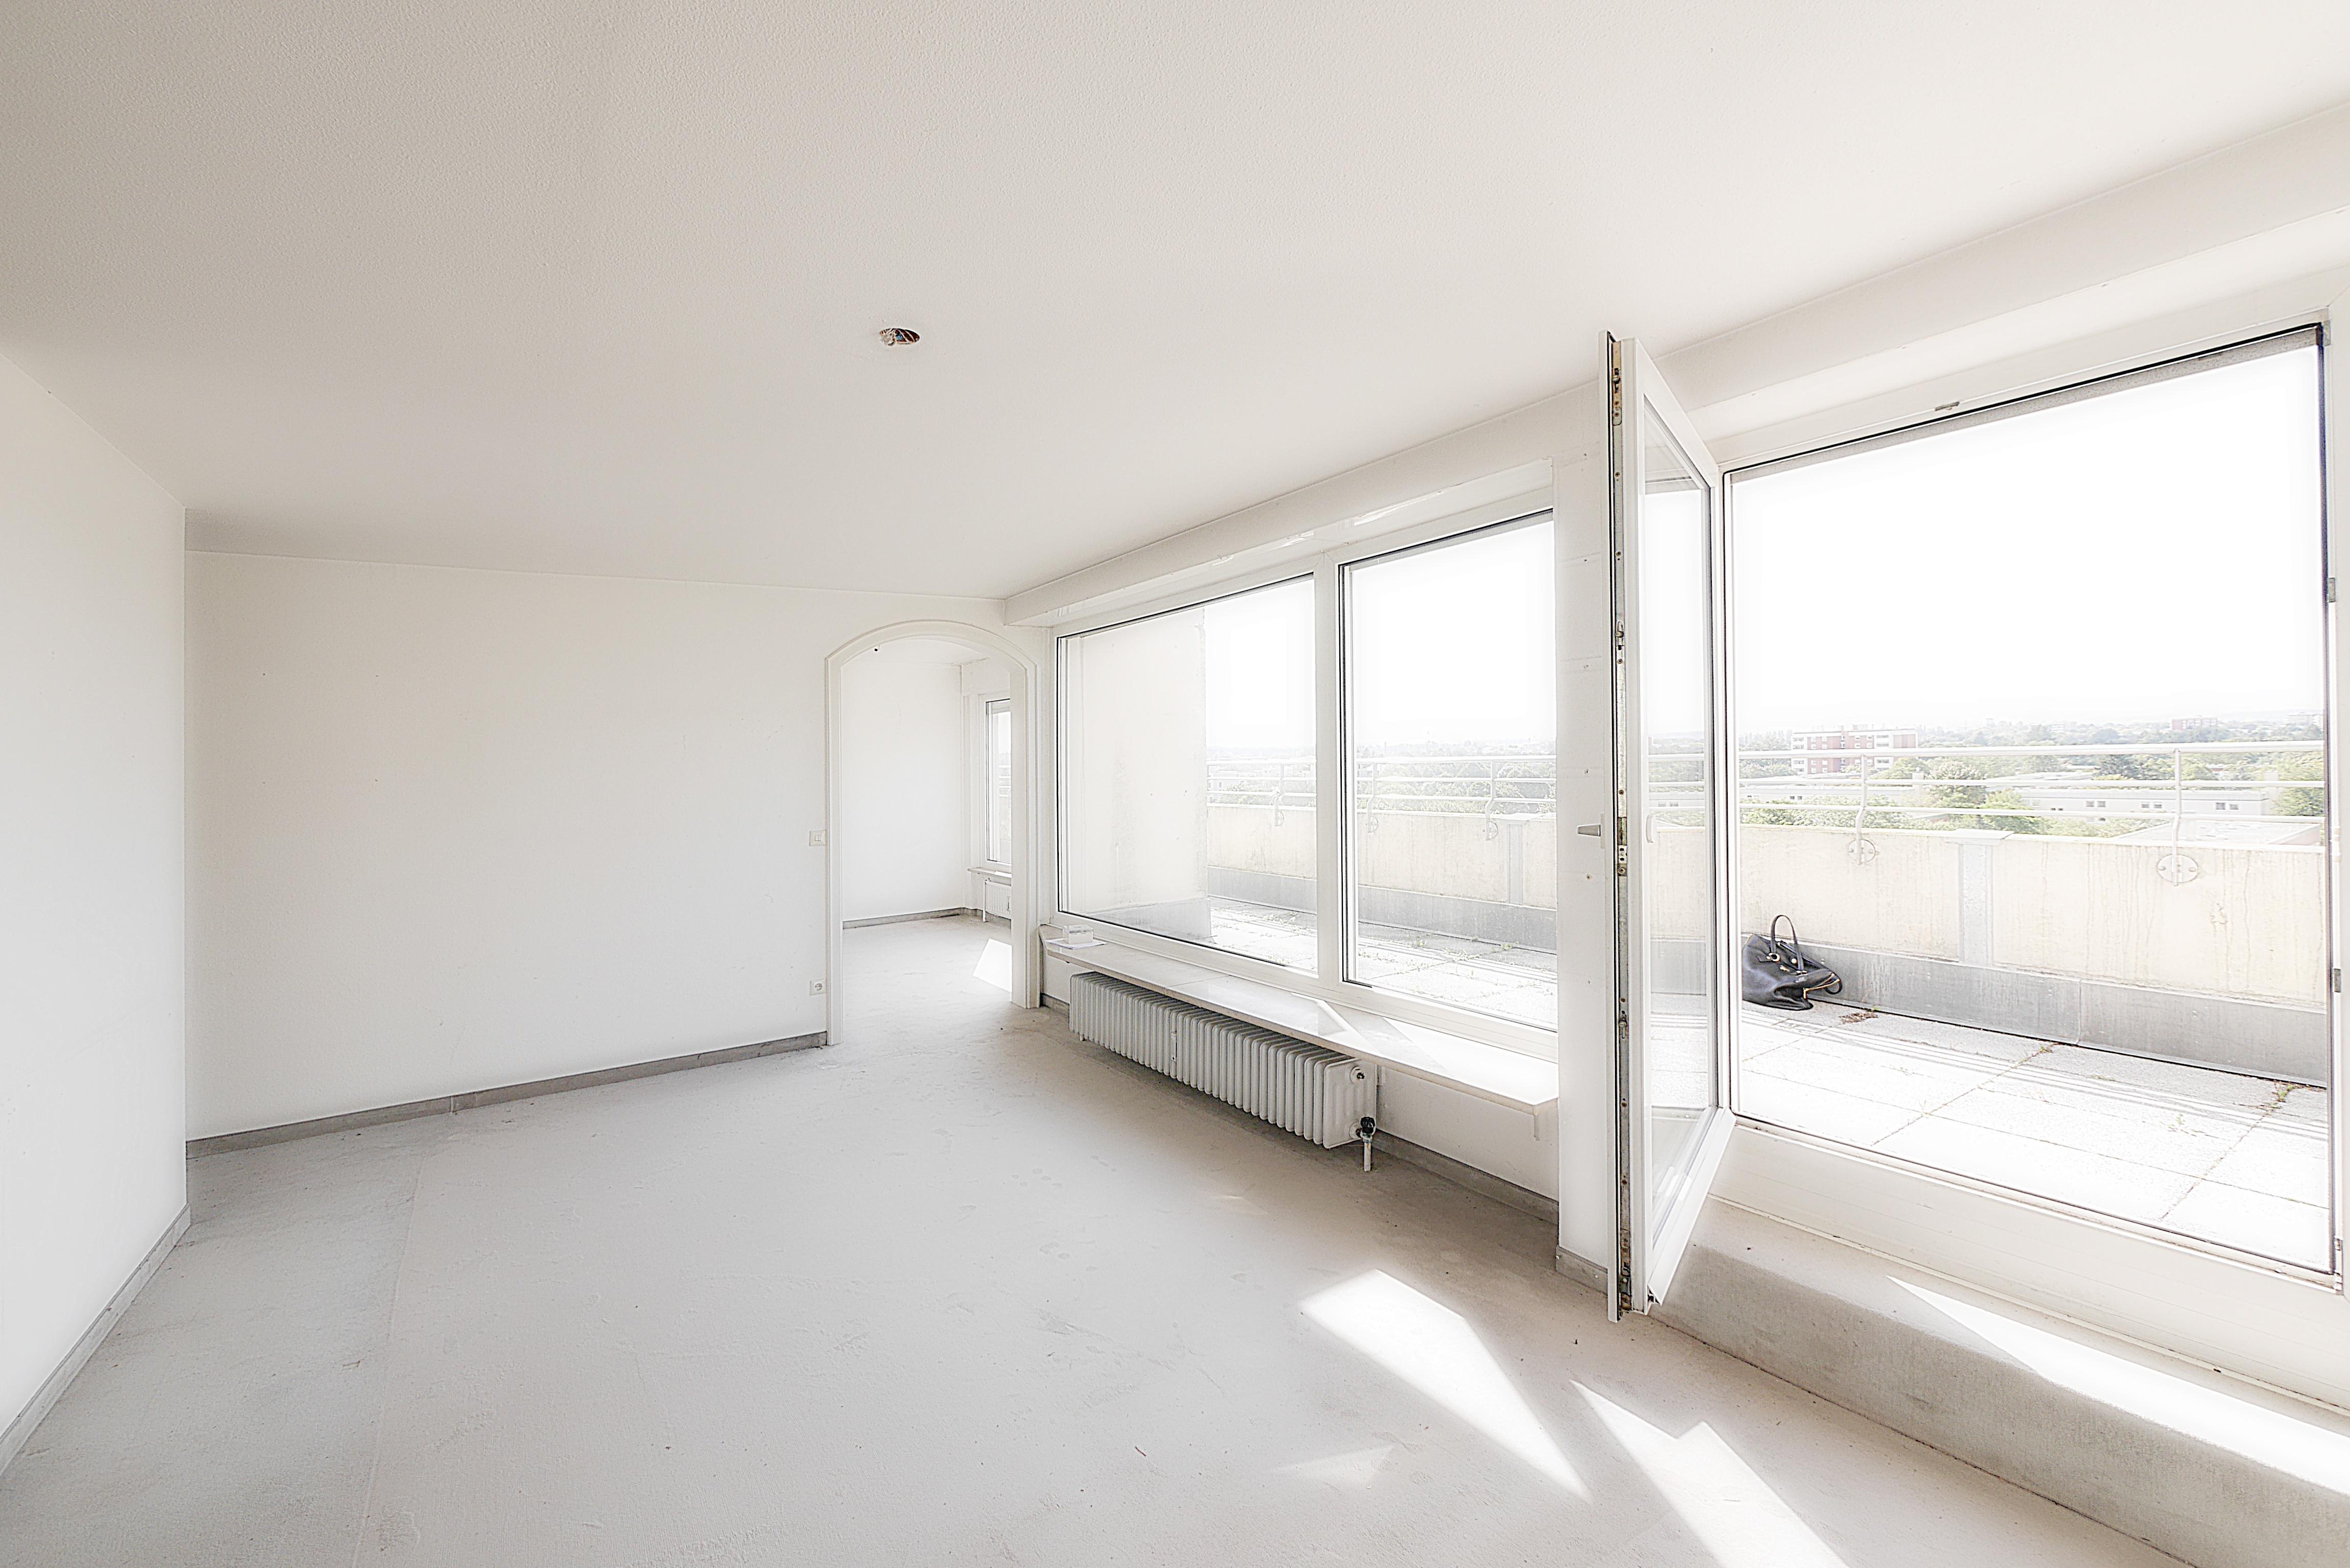 Zu Verkaufen: Attraktive Penthouse Wohnung mit 2 Dachterrassen, Alpenblick & Swimmingpool in München West Pasing-Neuaubing: Wohnzimmer